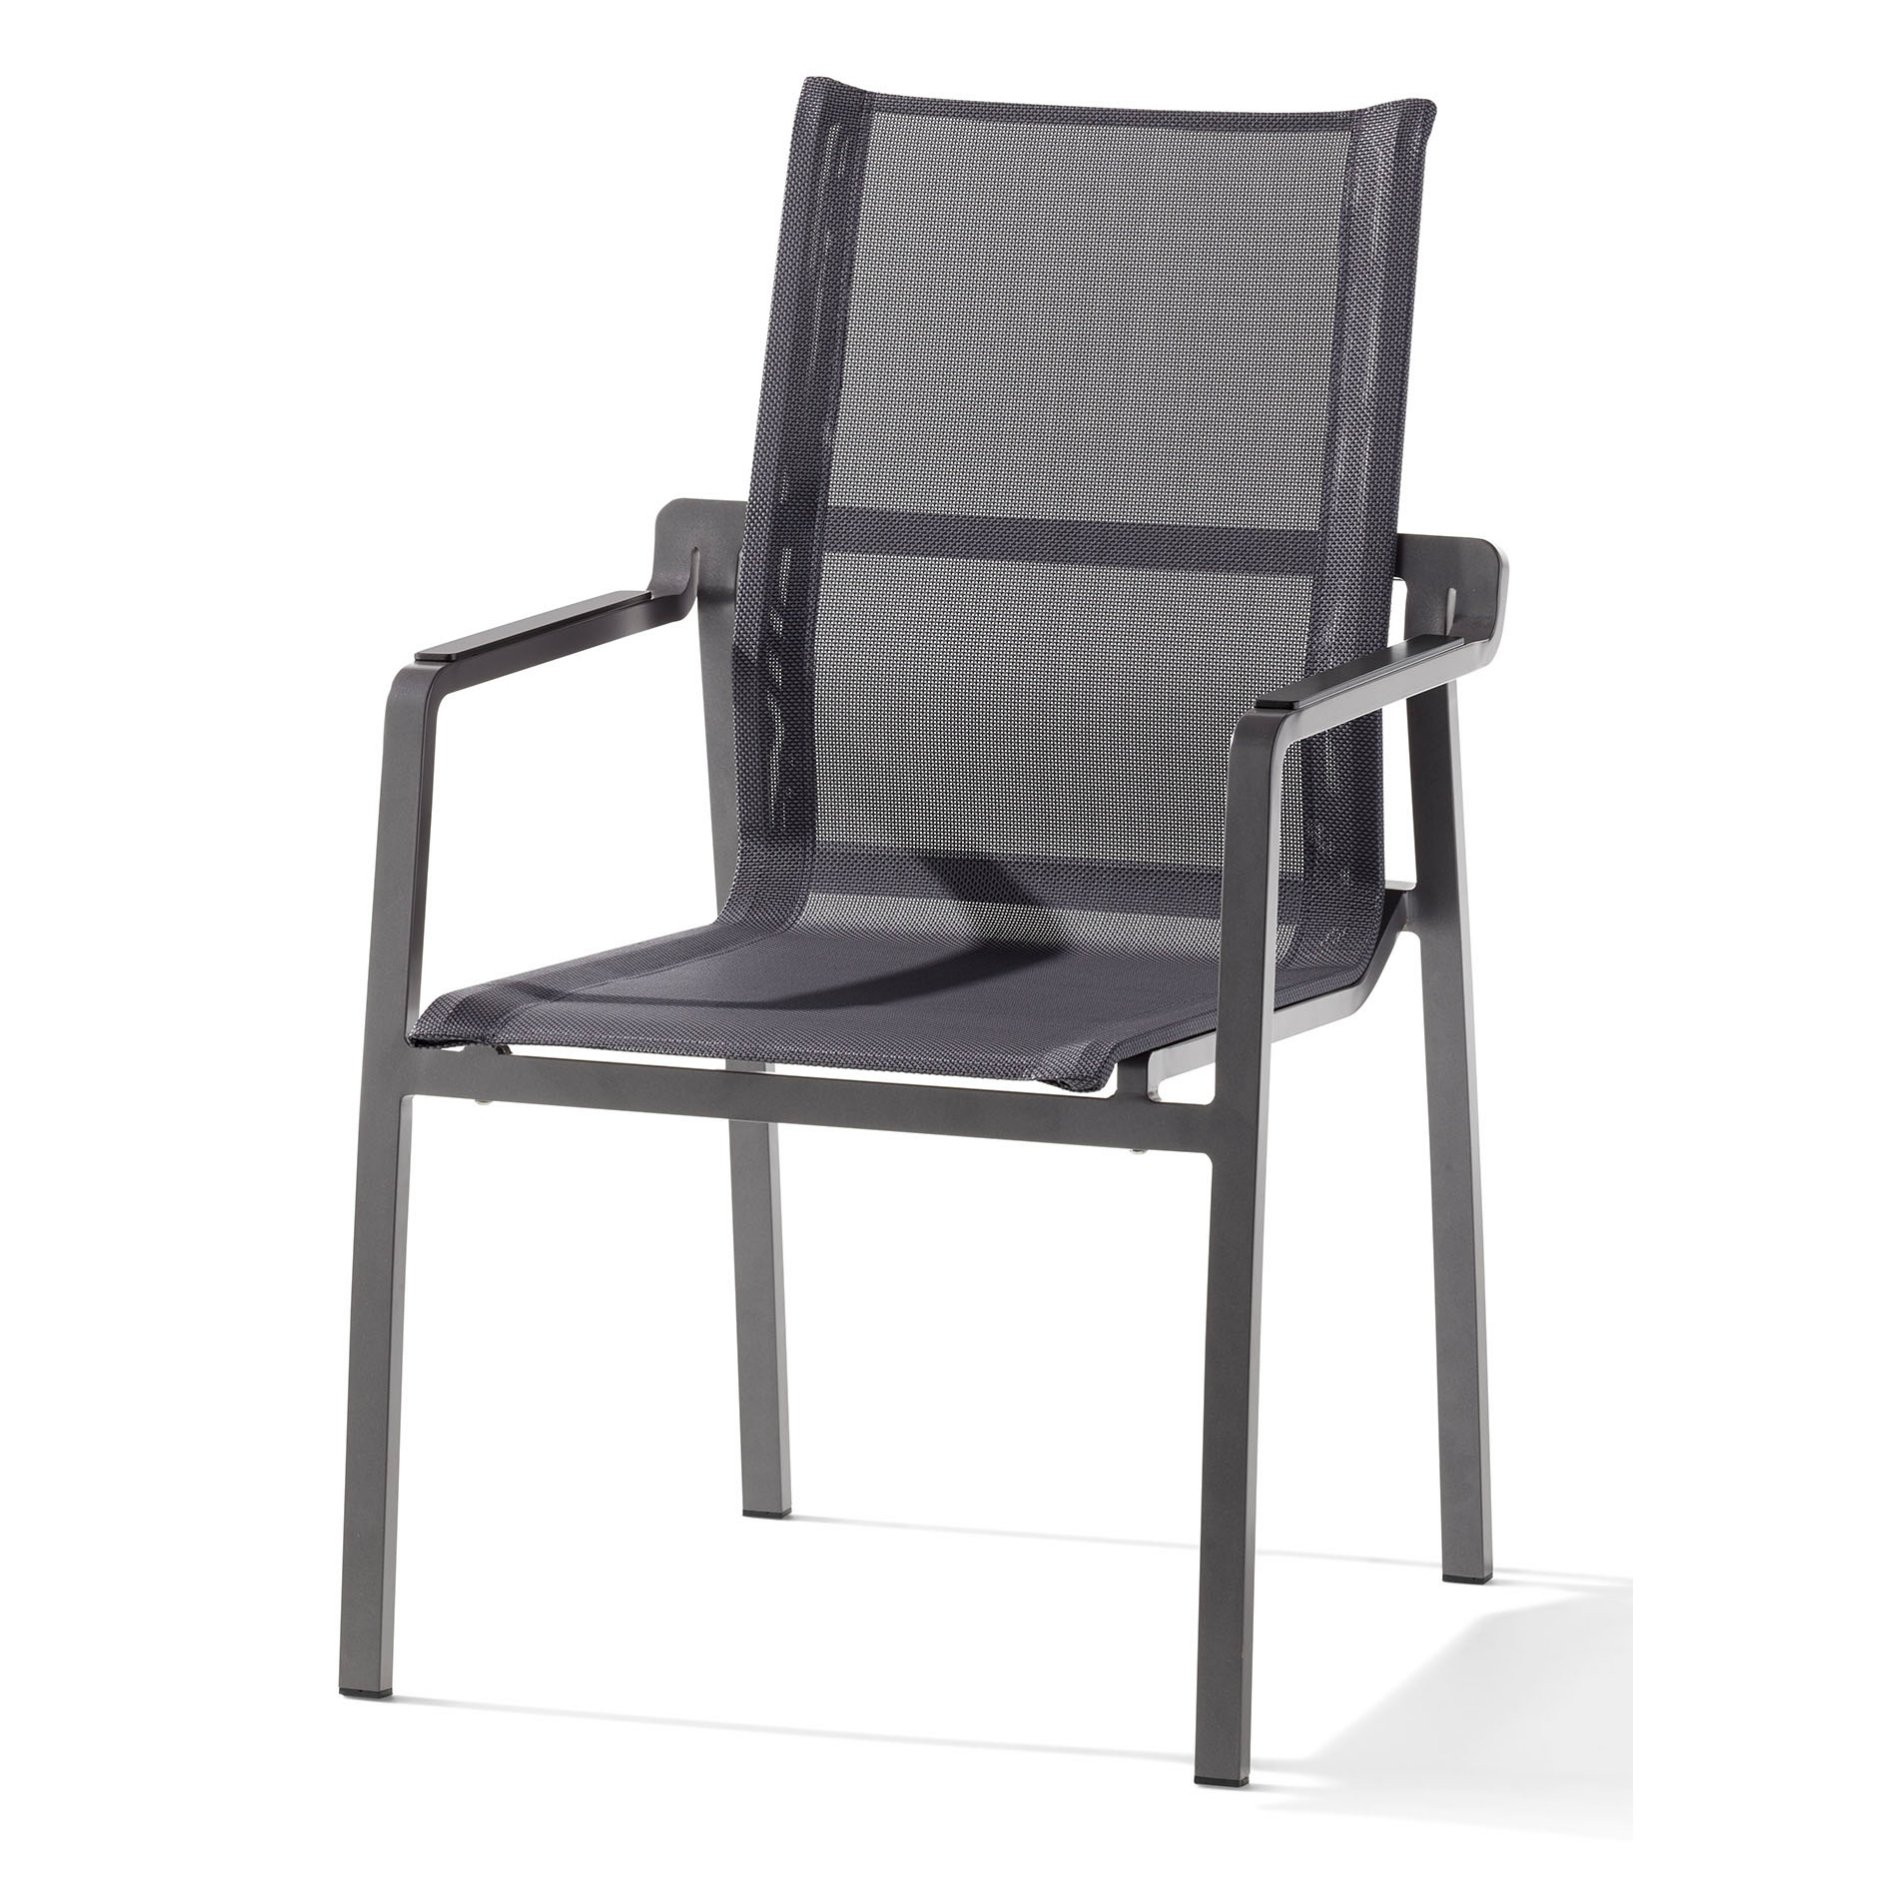 sieger yara stapelsessel. Black Bedroom Furniture Sets. Home Design Ideas